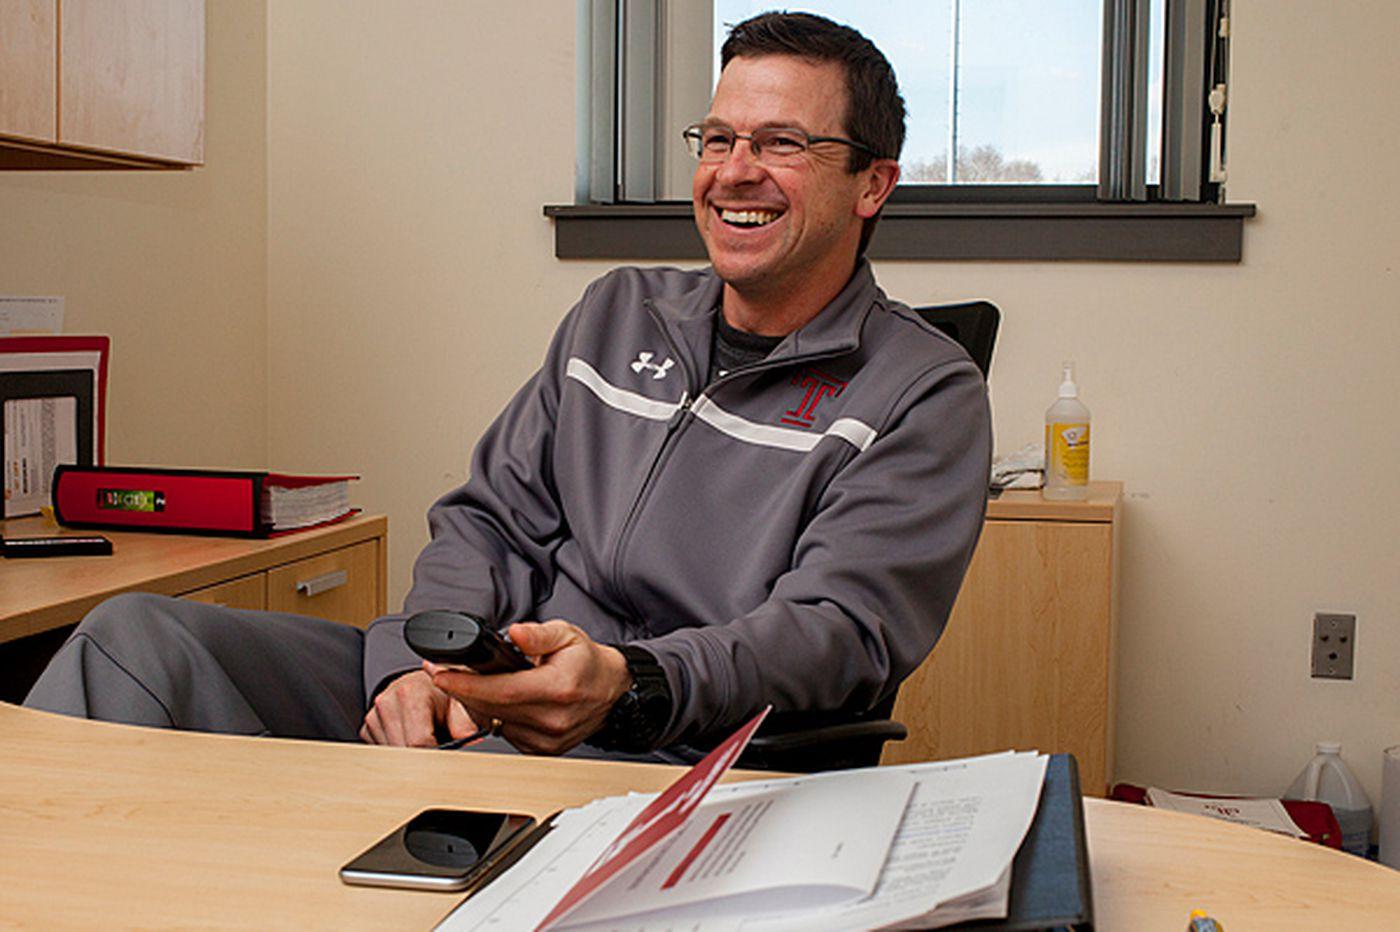 Temple's new QB coach aims to rejuvenate P.J. Walker